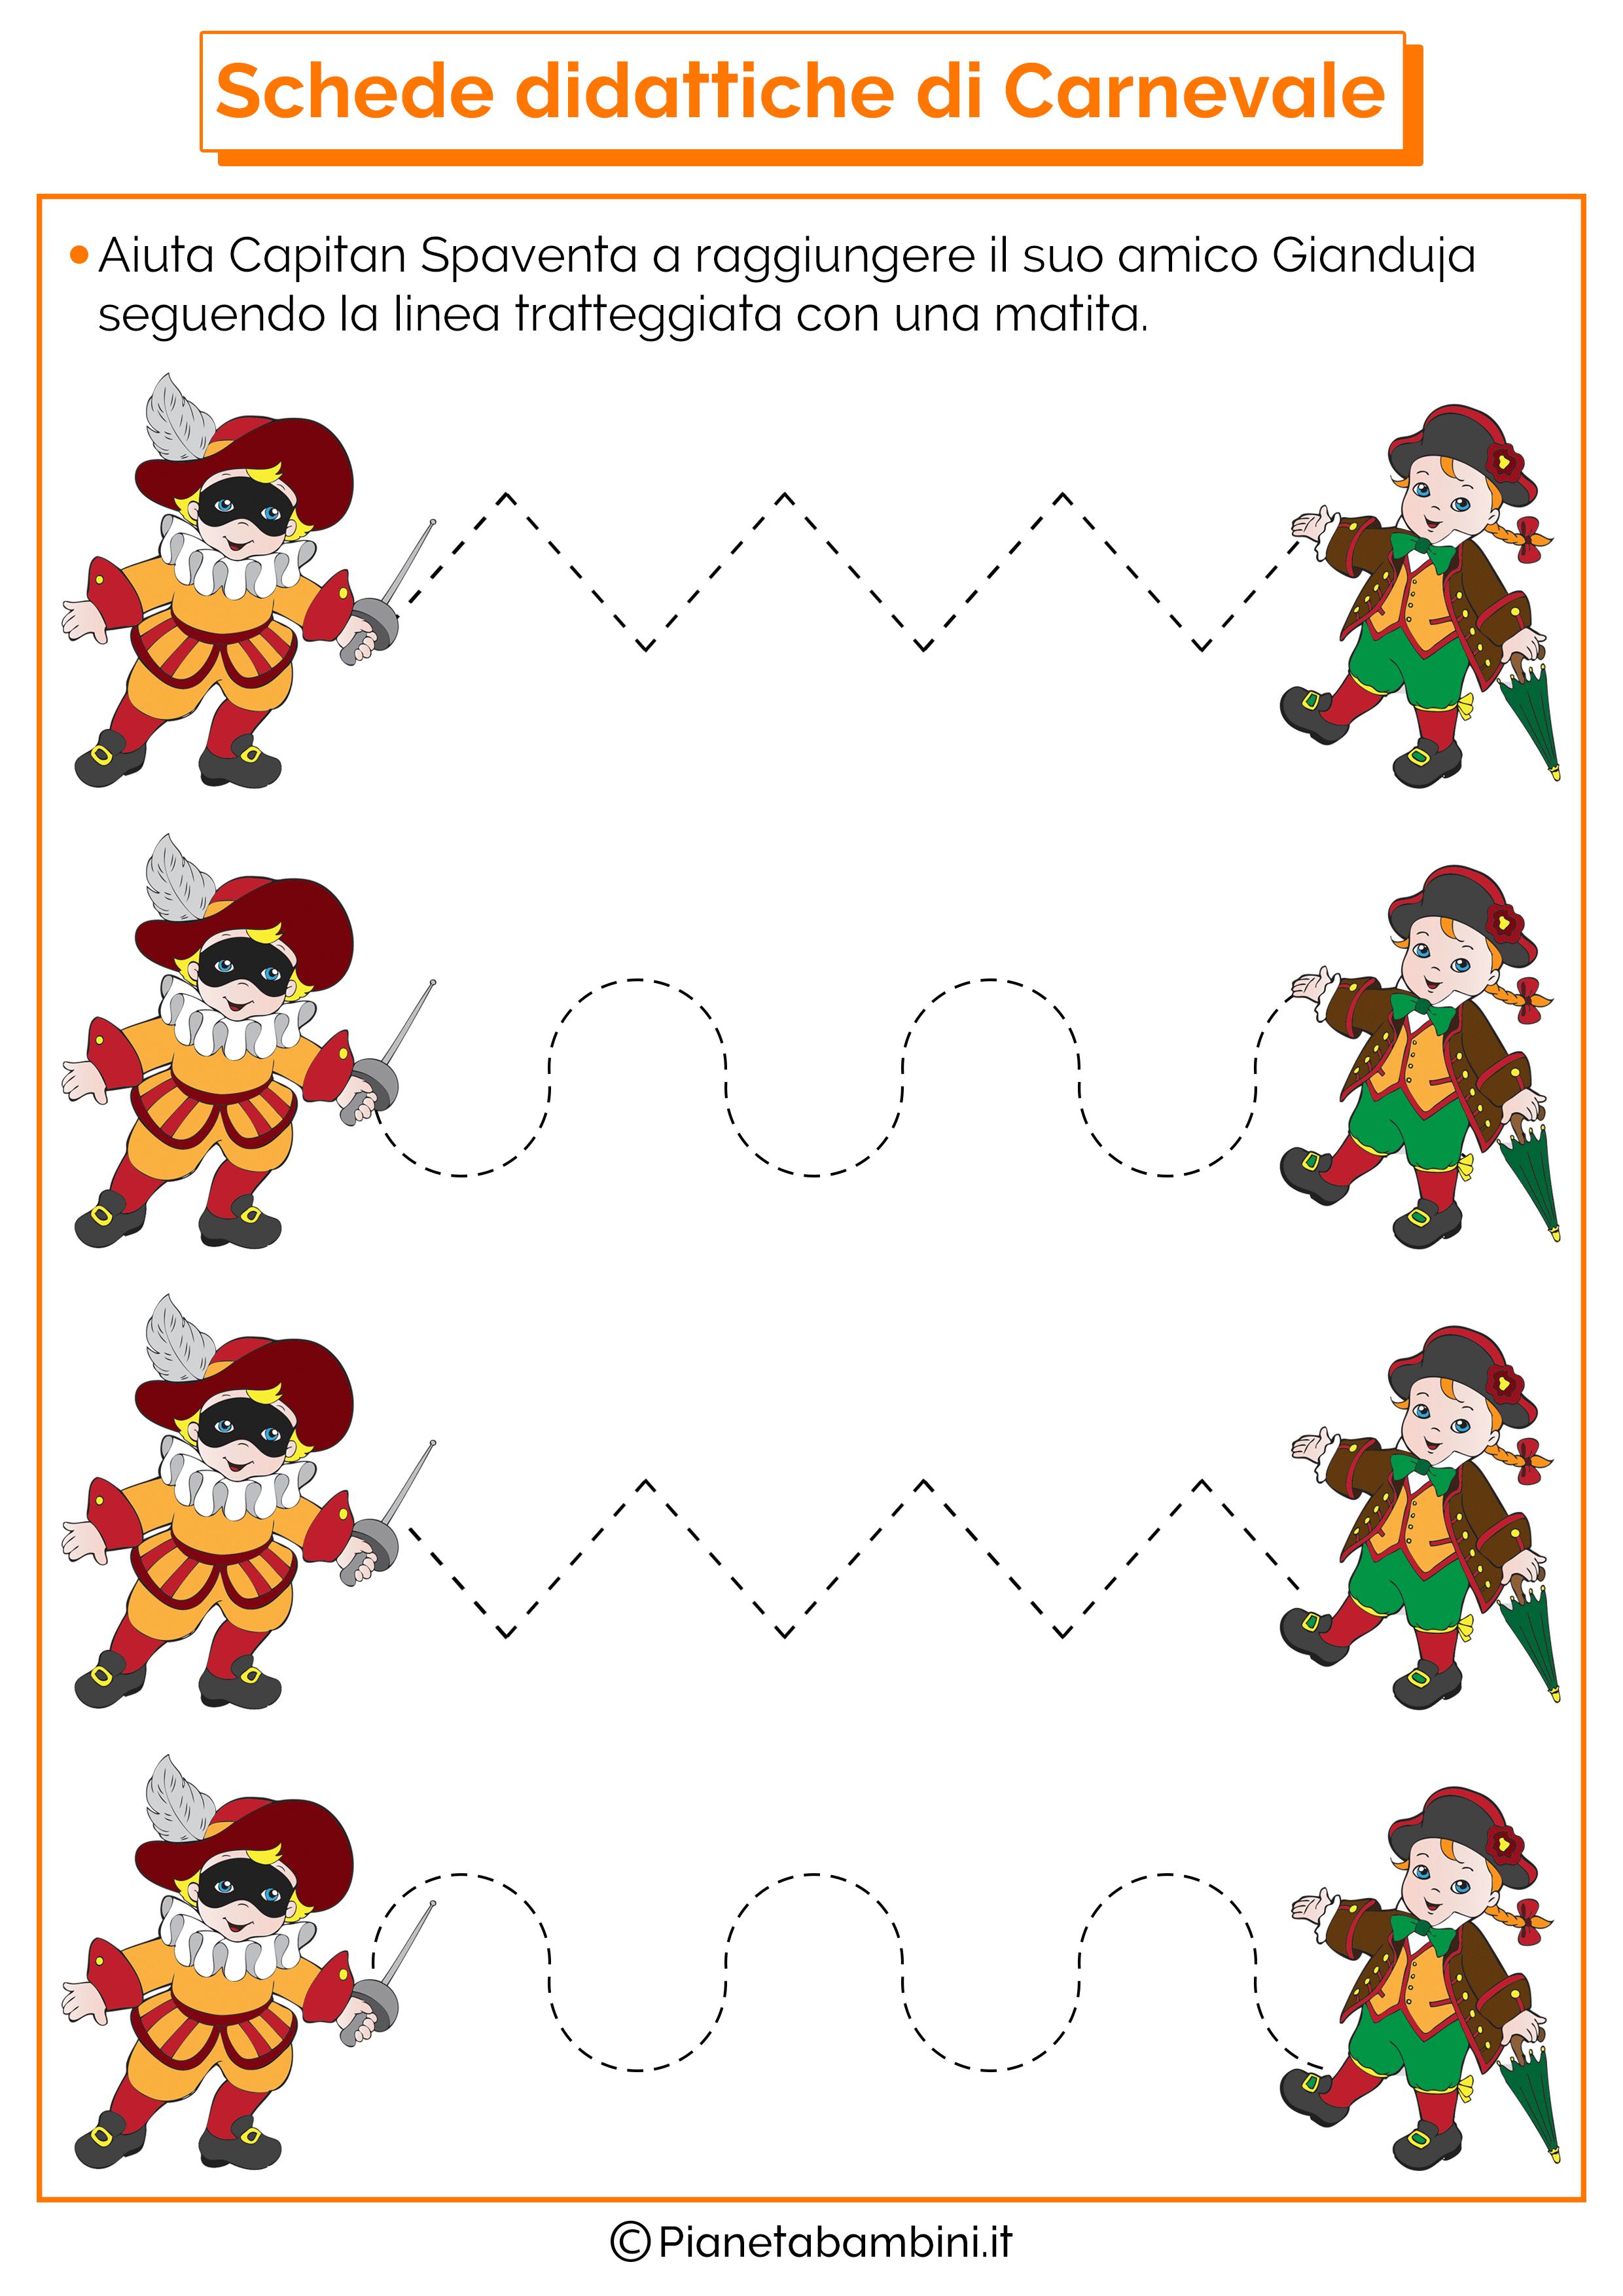 Schede didattiche di carnevale per la scuola dell infanzia for Schede didattiche natale scuola dell infanzia